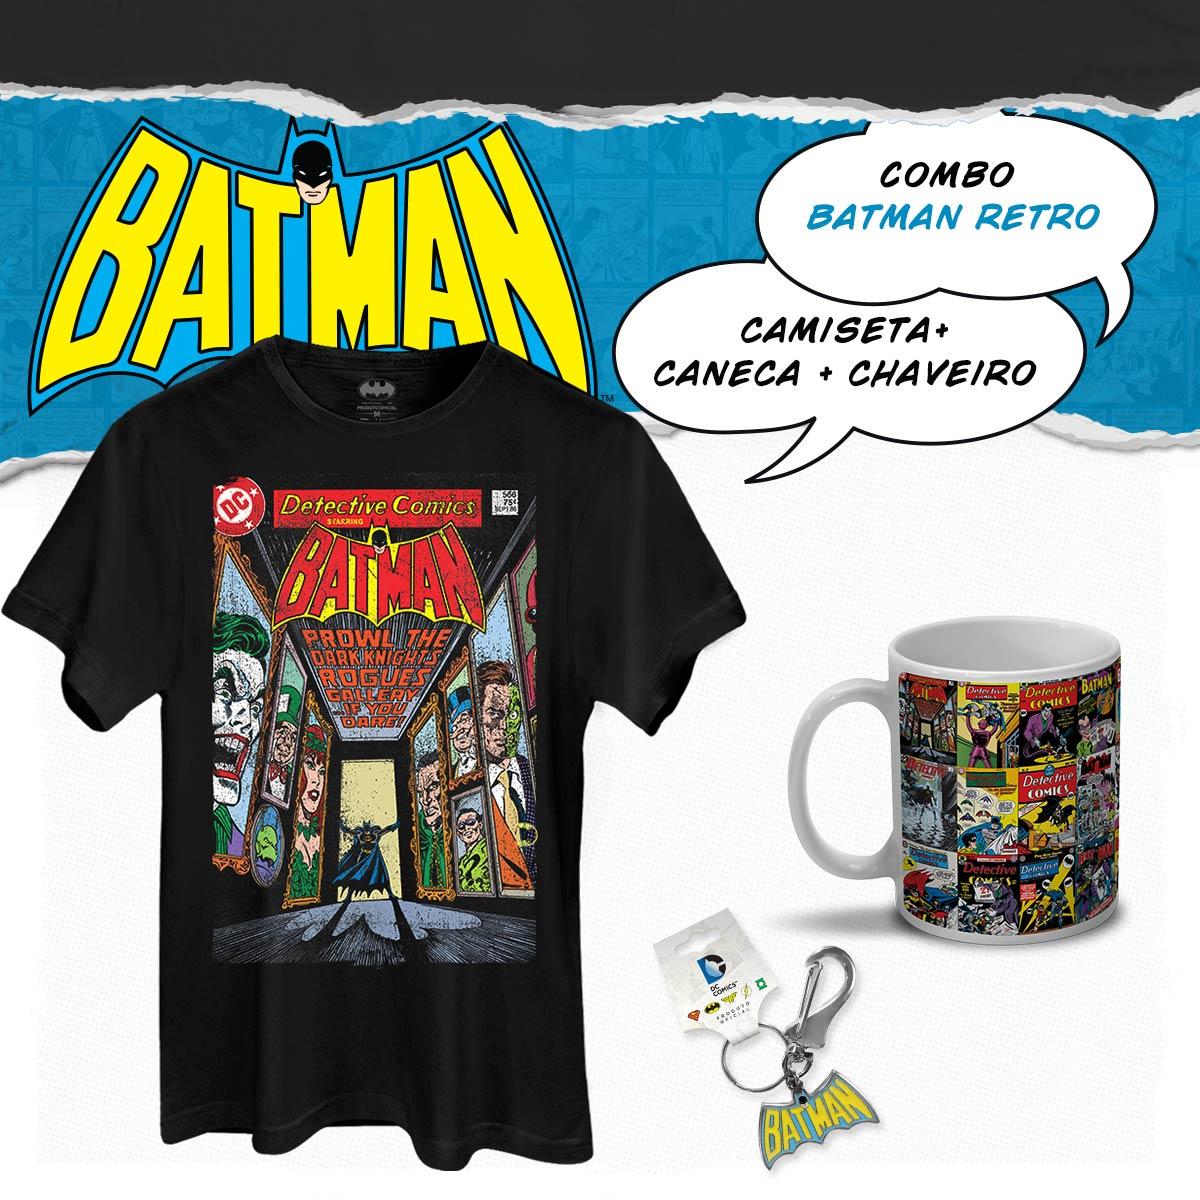 Combo Batman Day Retro